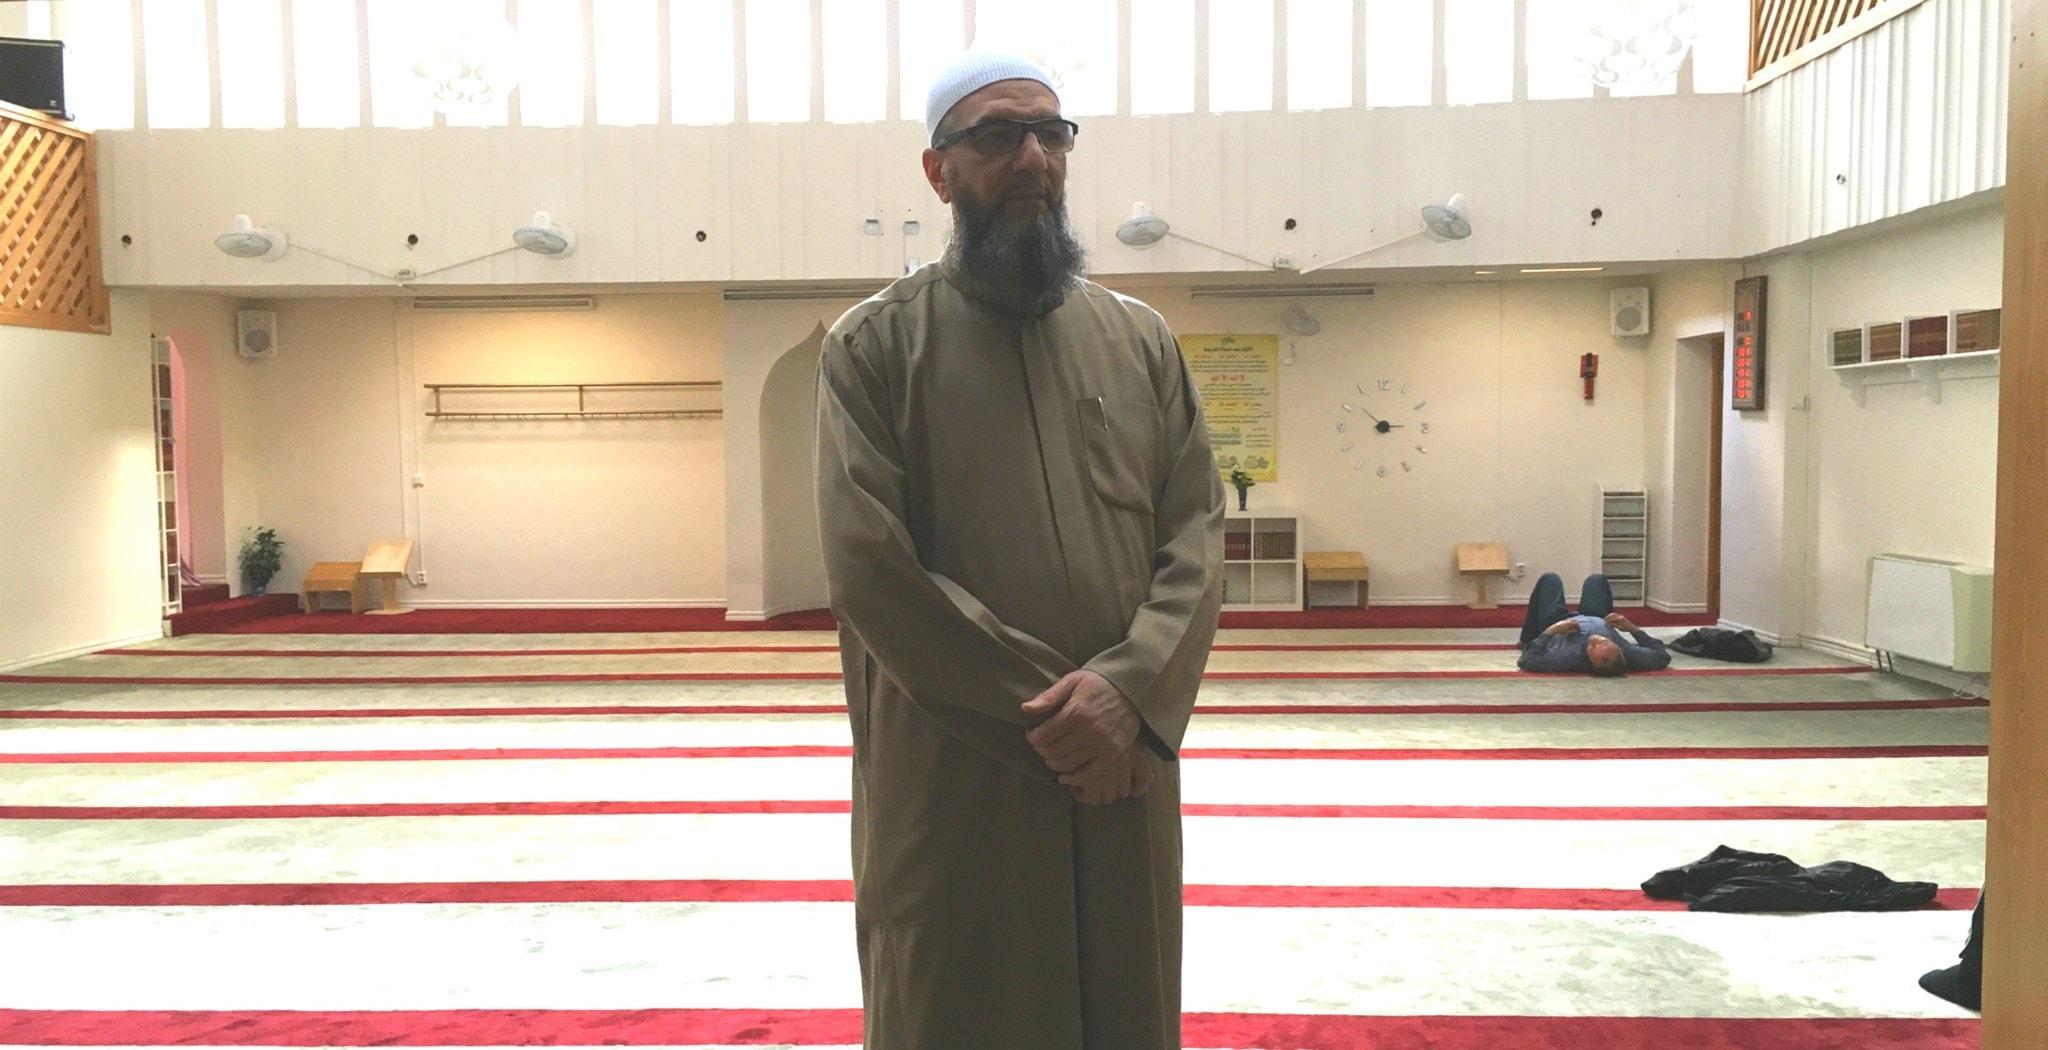 Gävlemoské sägs sprida extrem form av islam – imamen Abo Raad svarar på kritiken